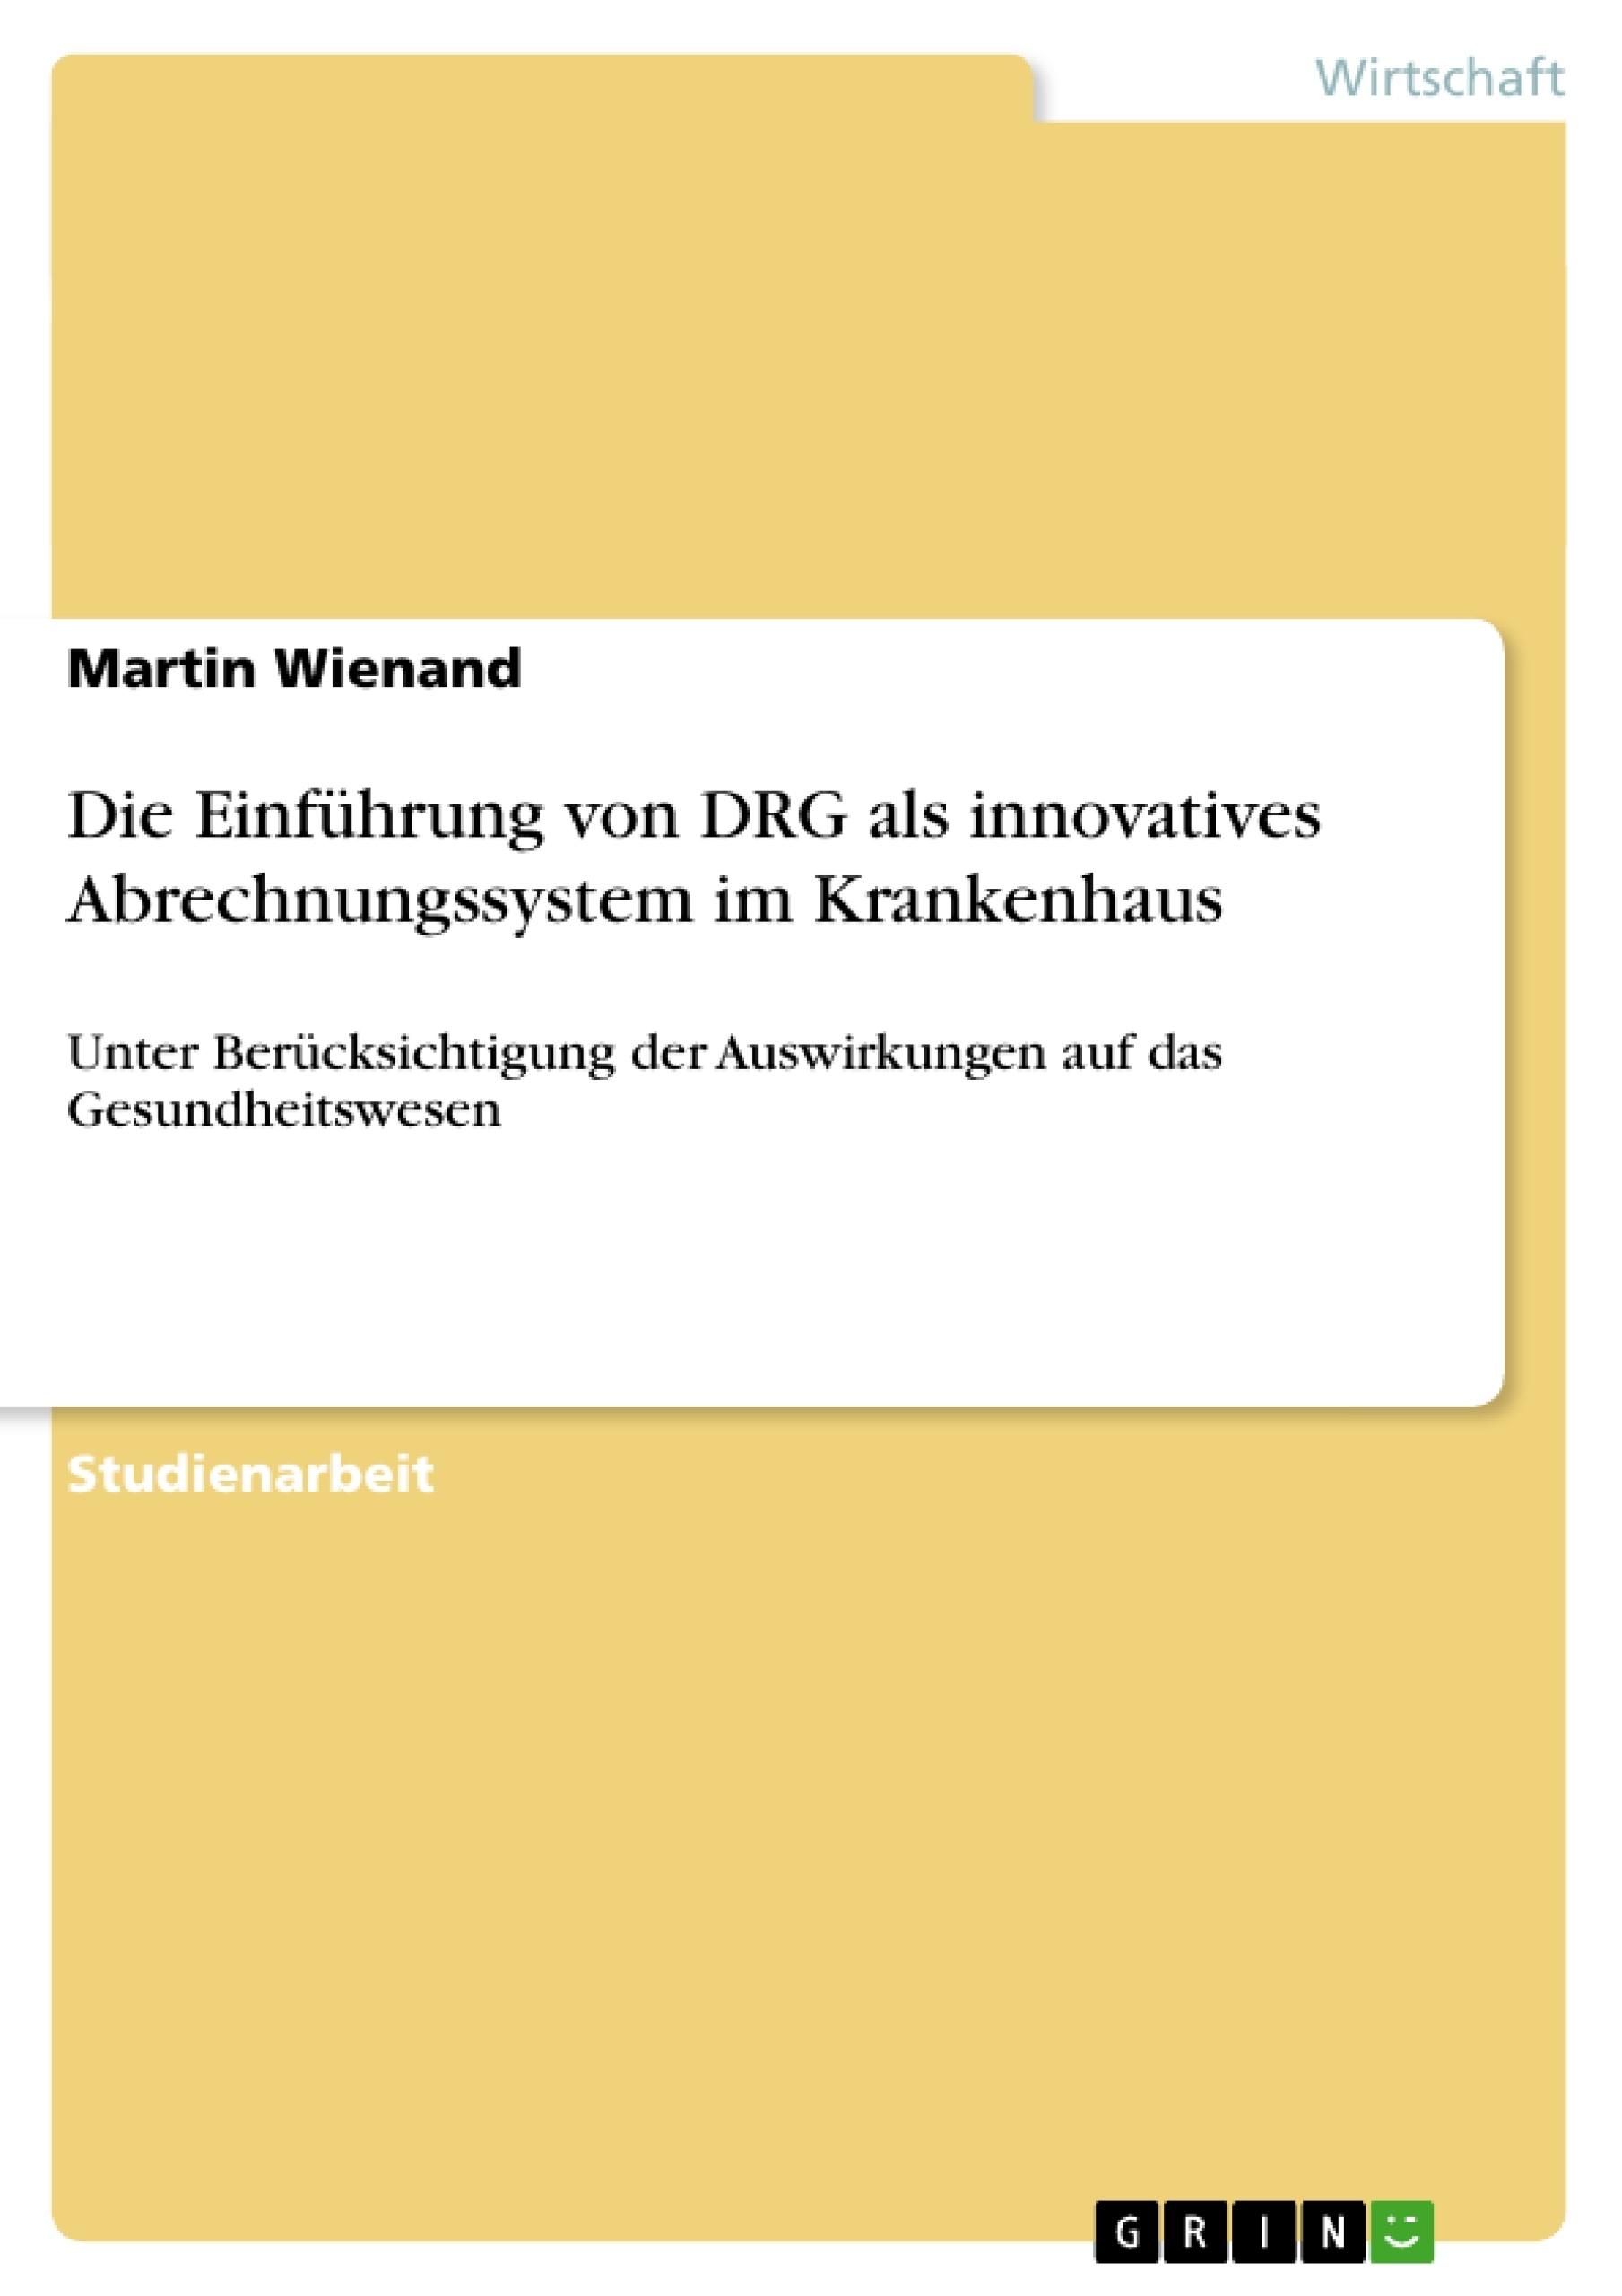 Titel: Die Einführung von DRG als innovatives Abrechnungssystem im Krankenhaus